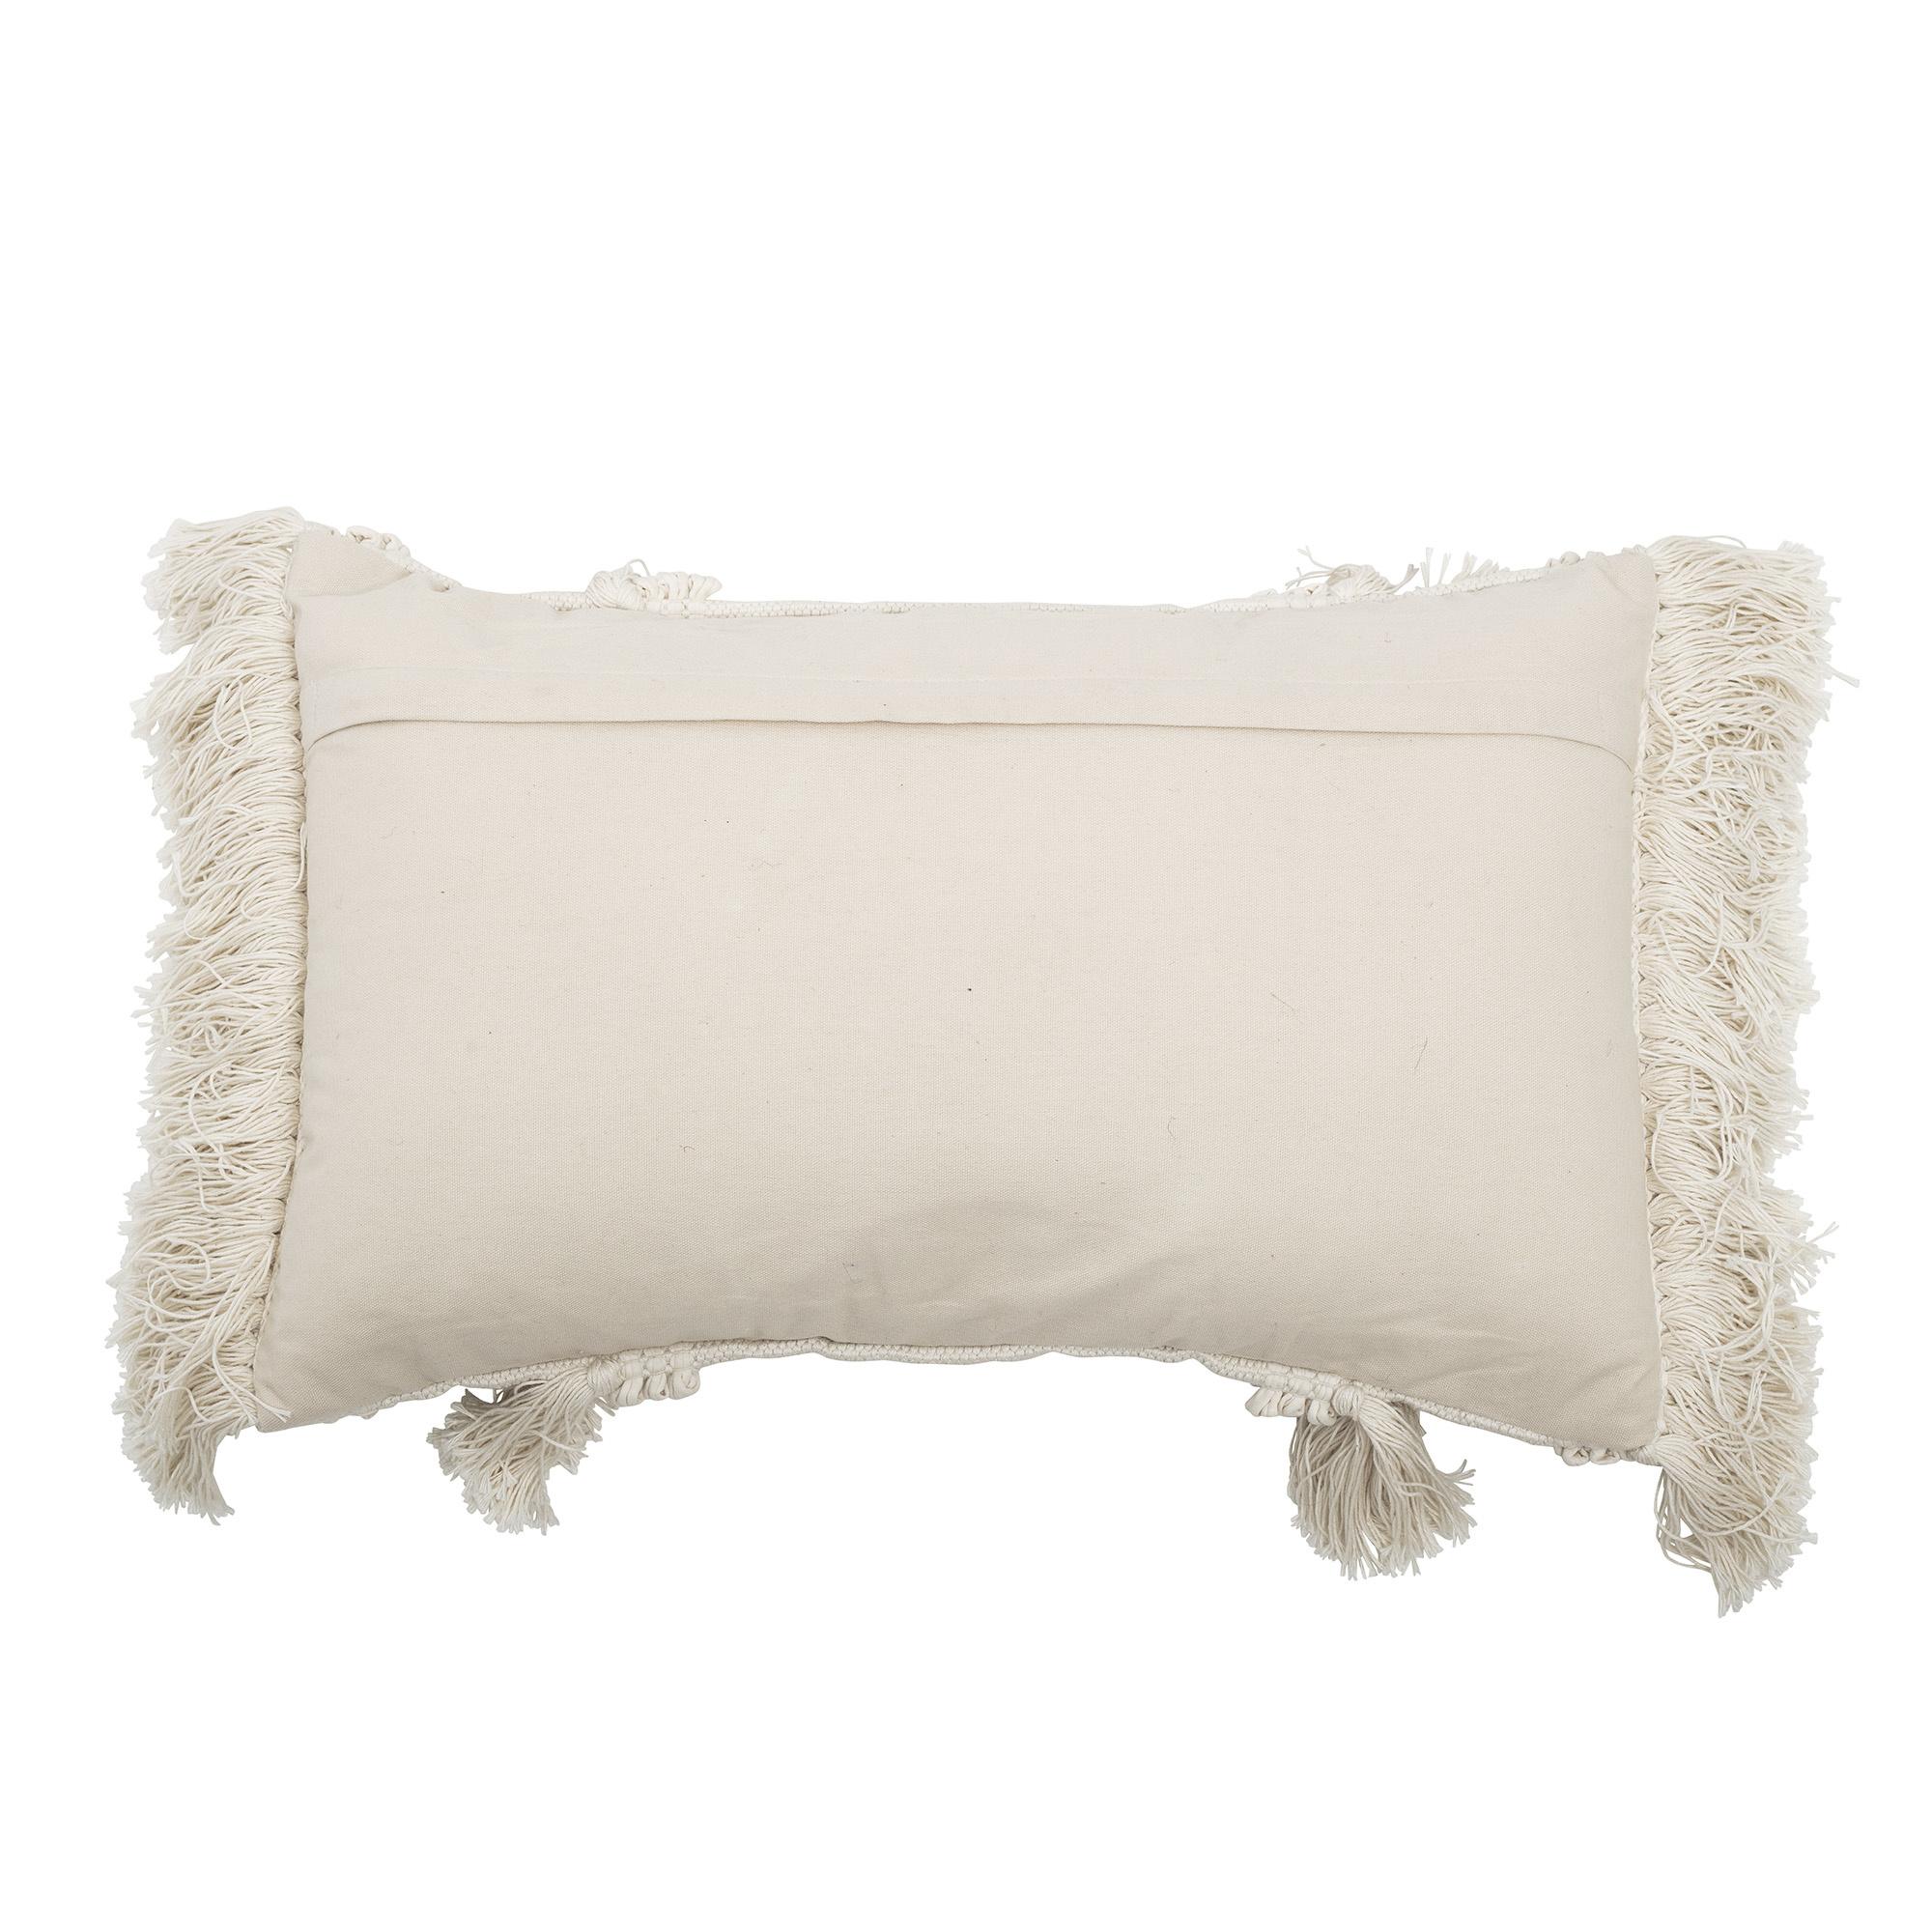 Bloomingville Coussin en coton - blanc - L60xW40 - Bloomingville